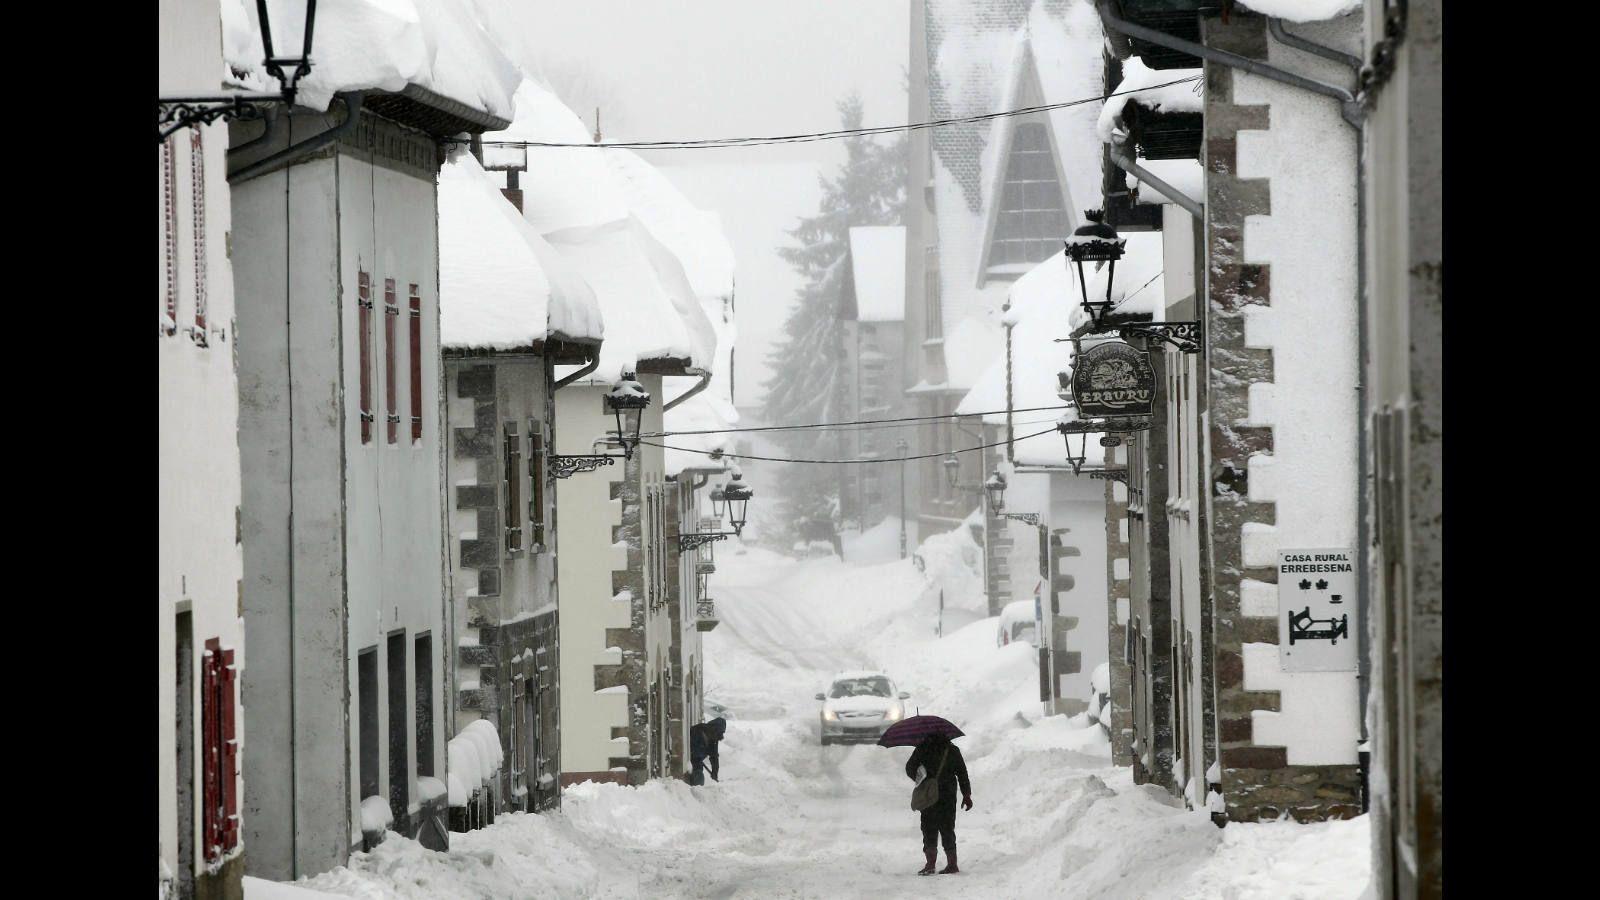 El temporal de nieve que ha azotado el norte de España esta semana - Sociedad - ABC.es